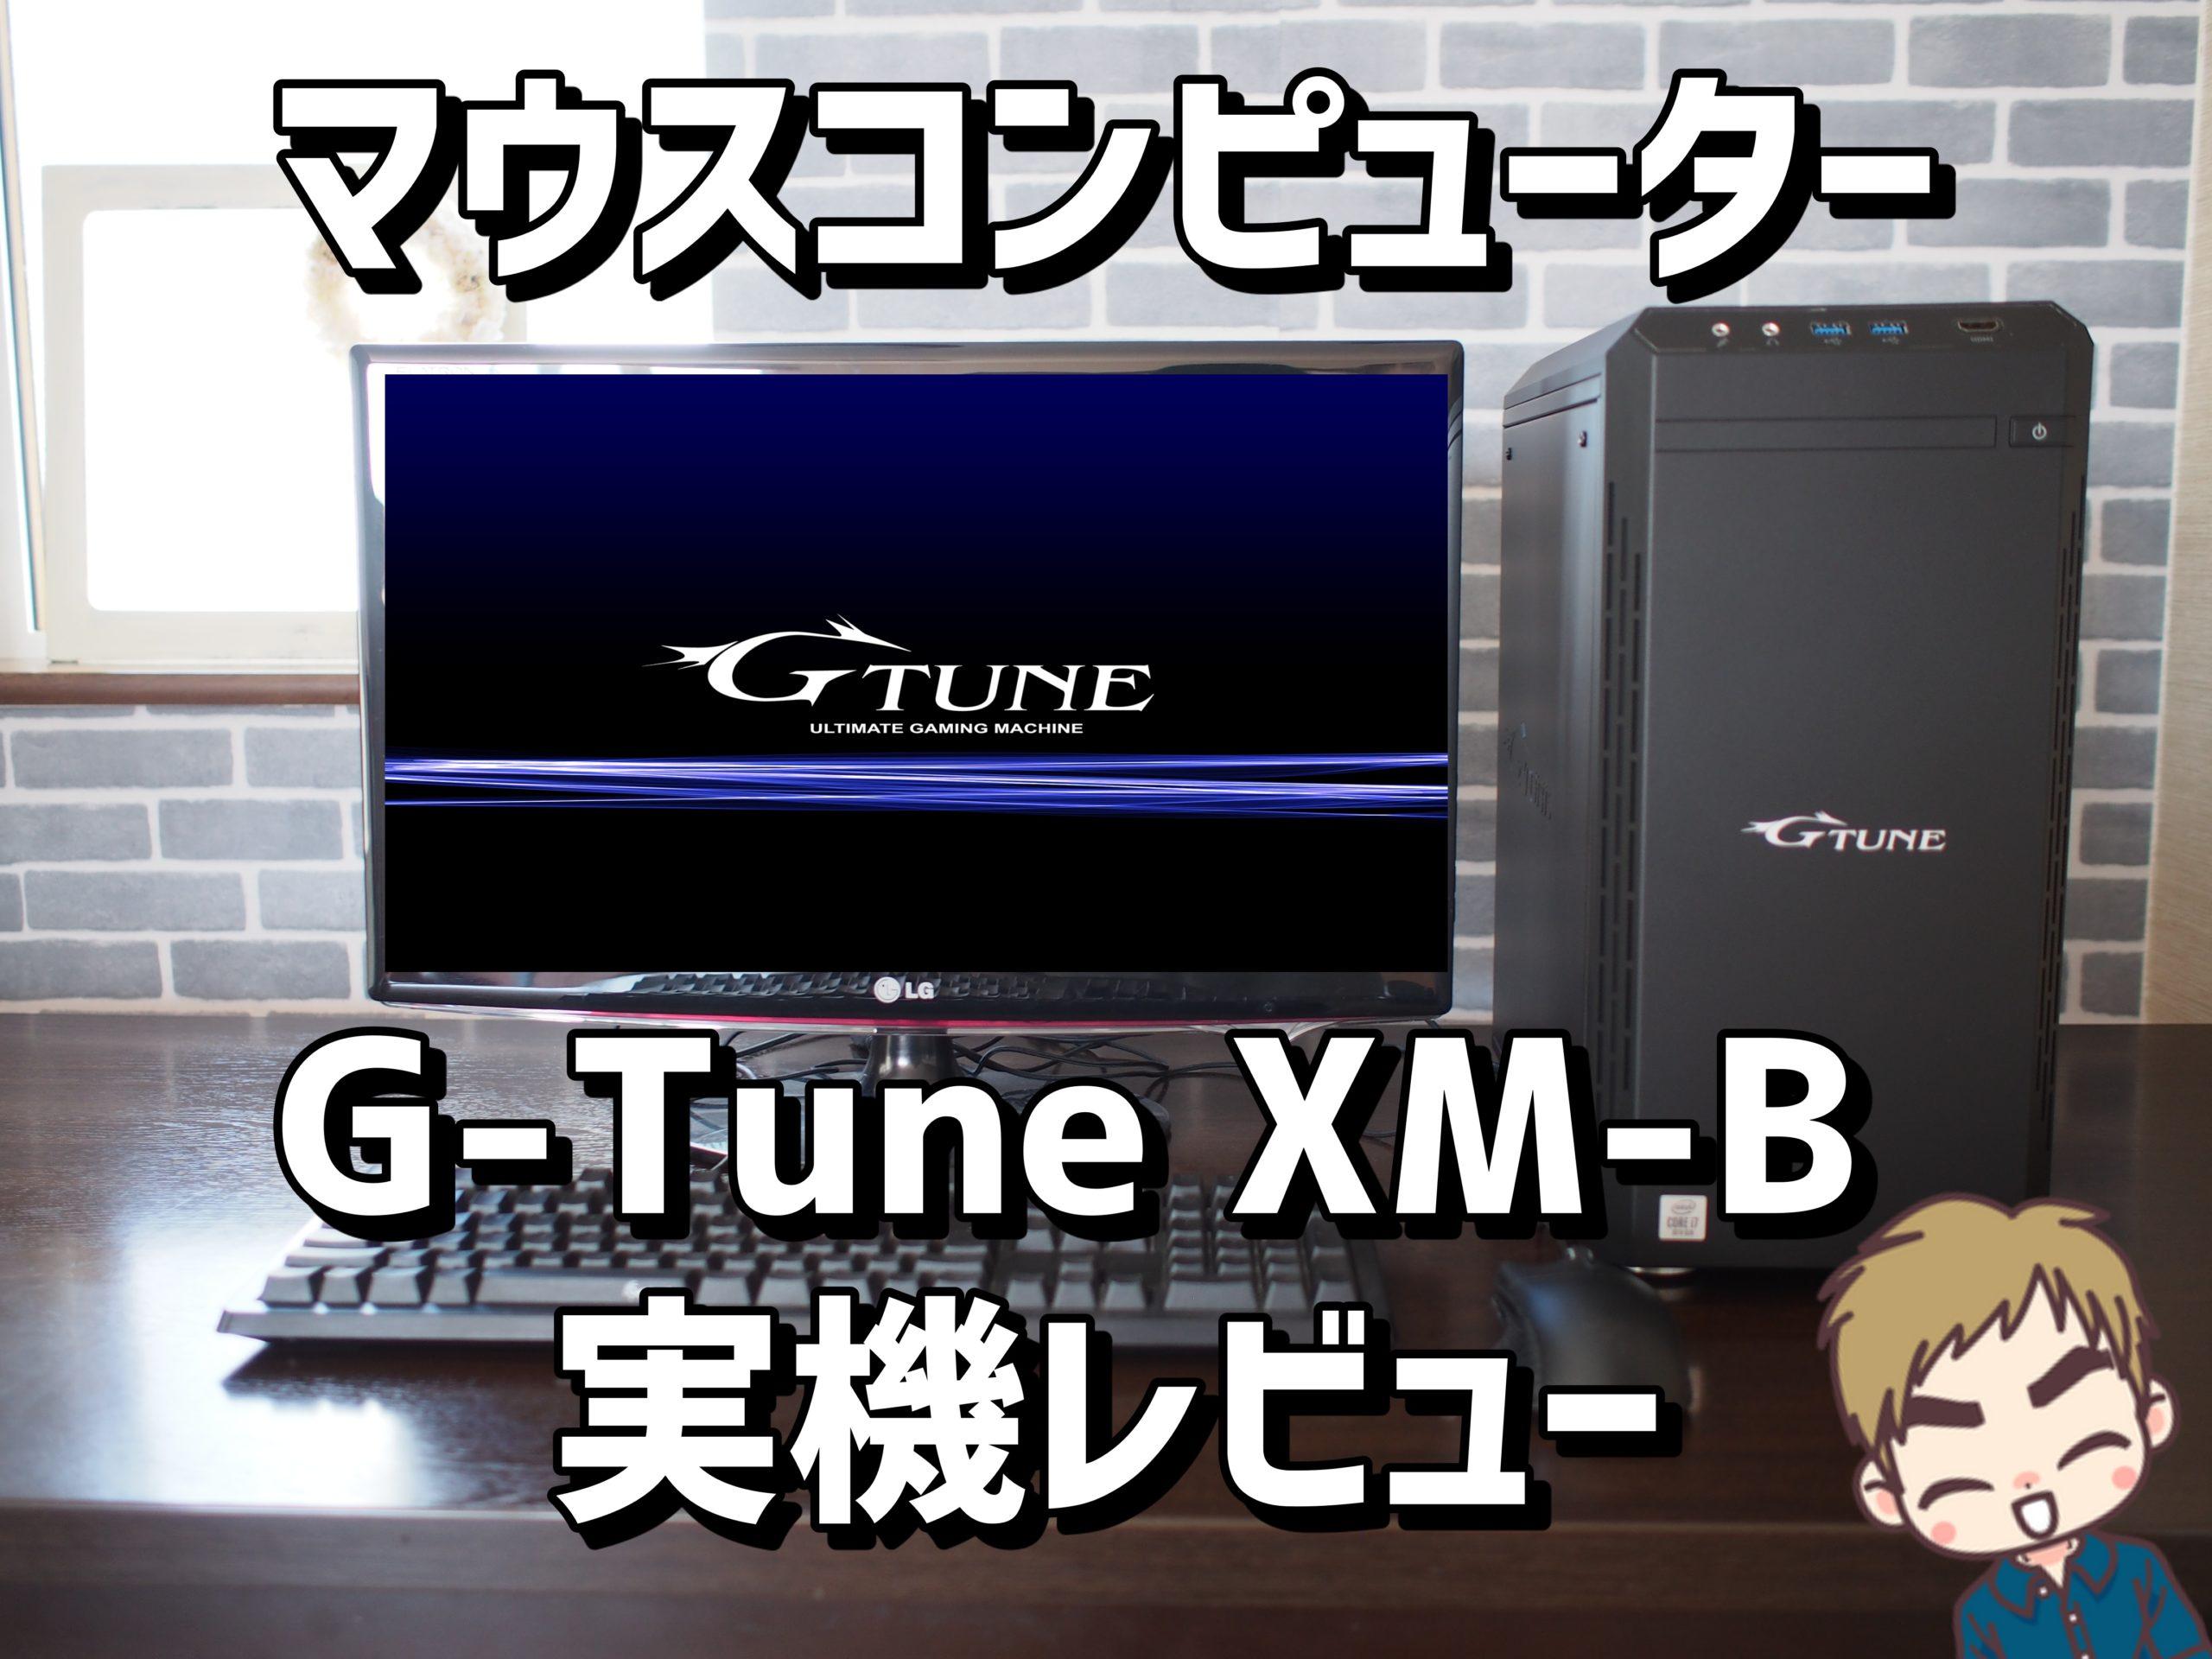 マウスコンピューター G-Tune XM-B実機レビュー